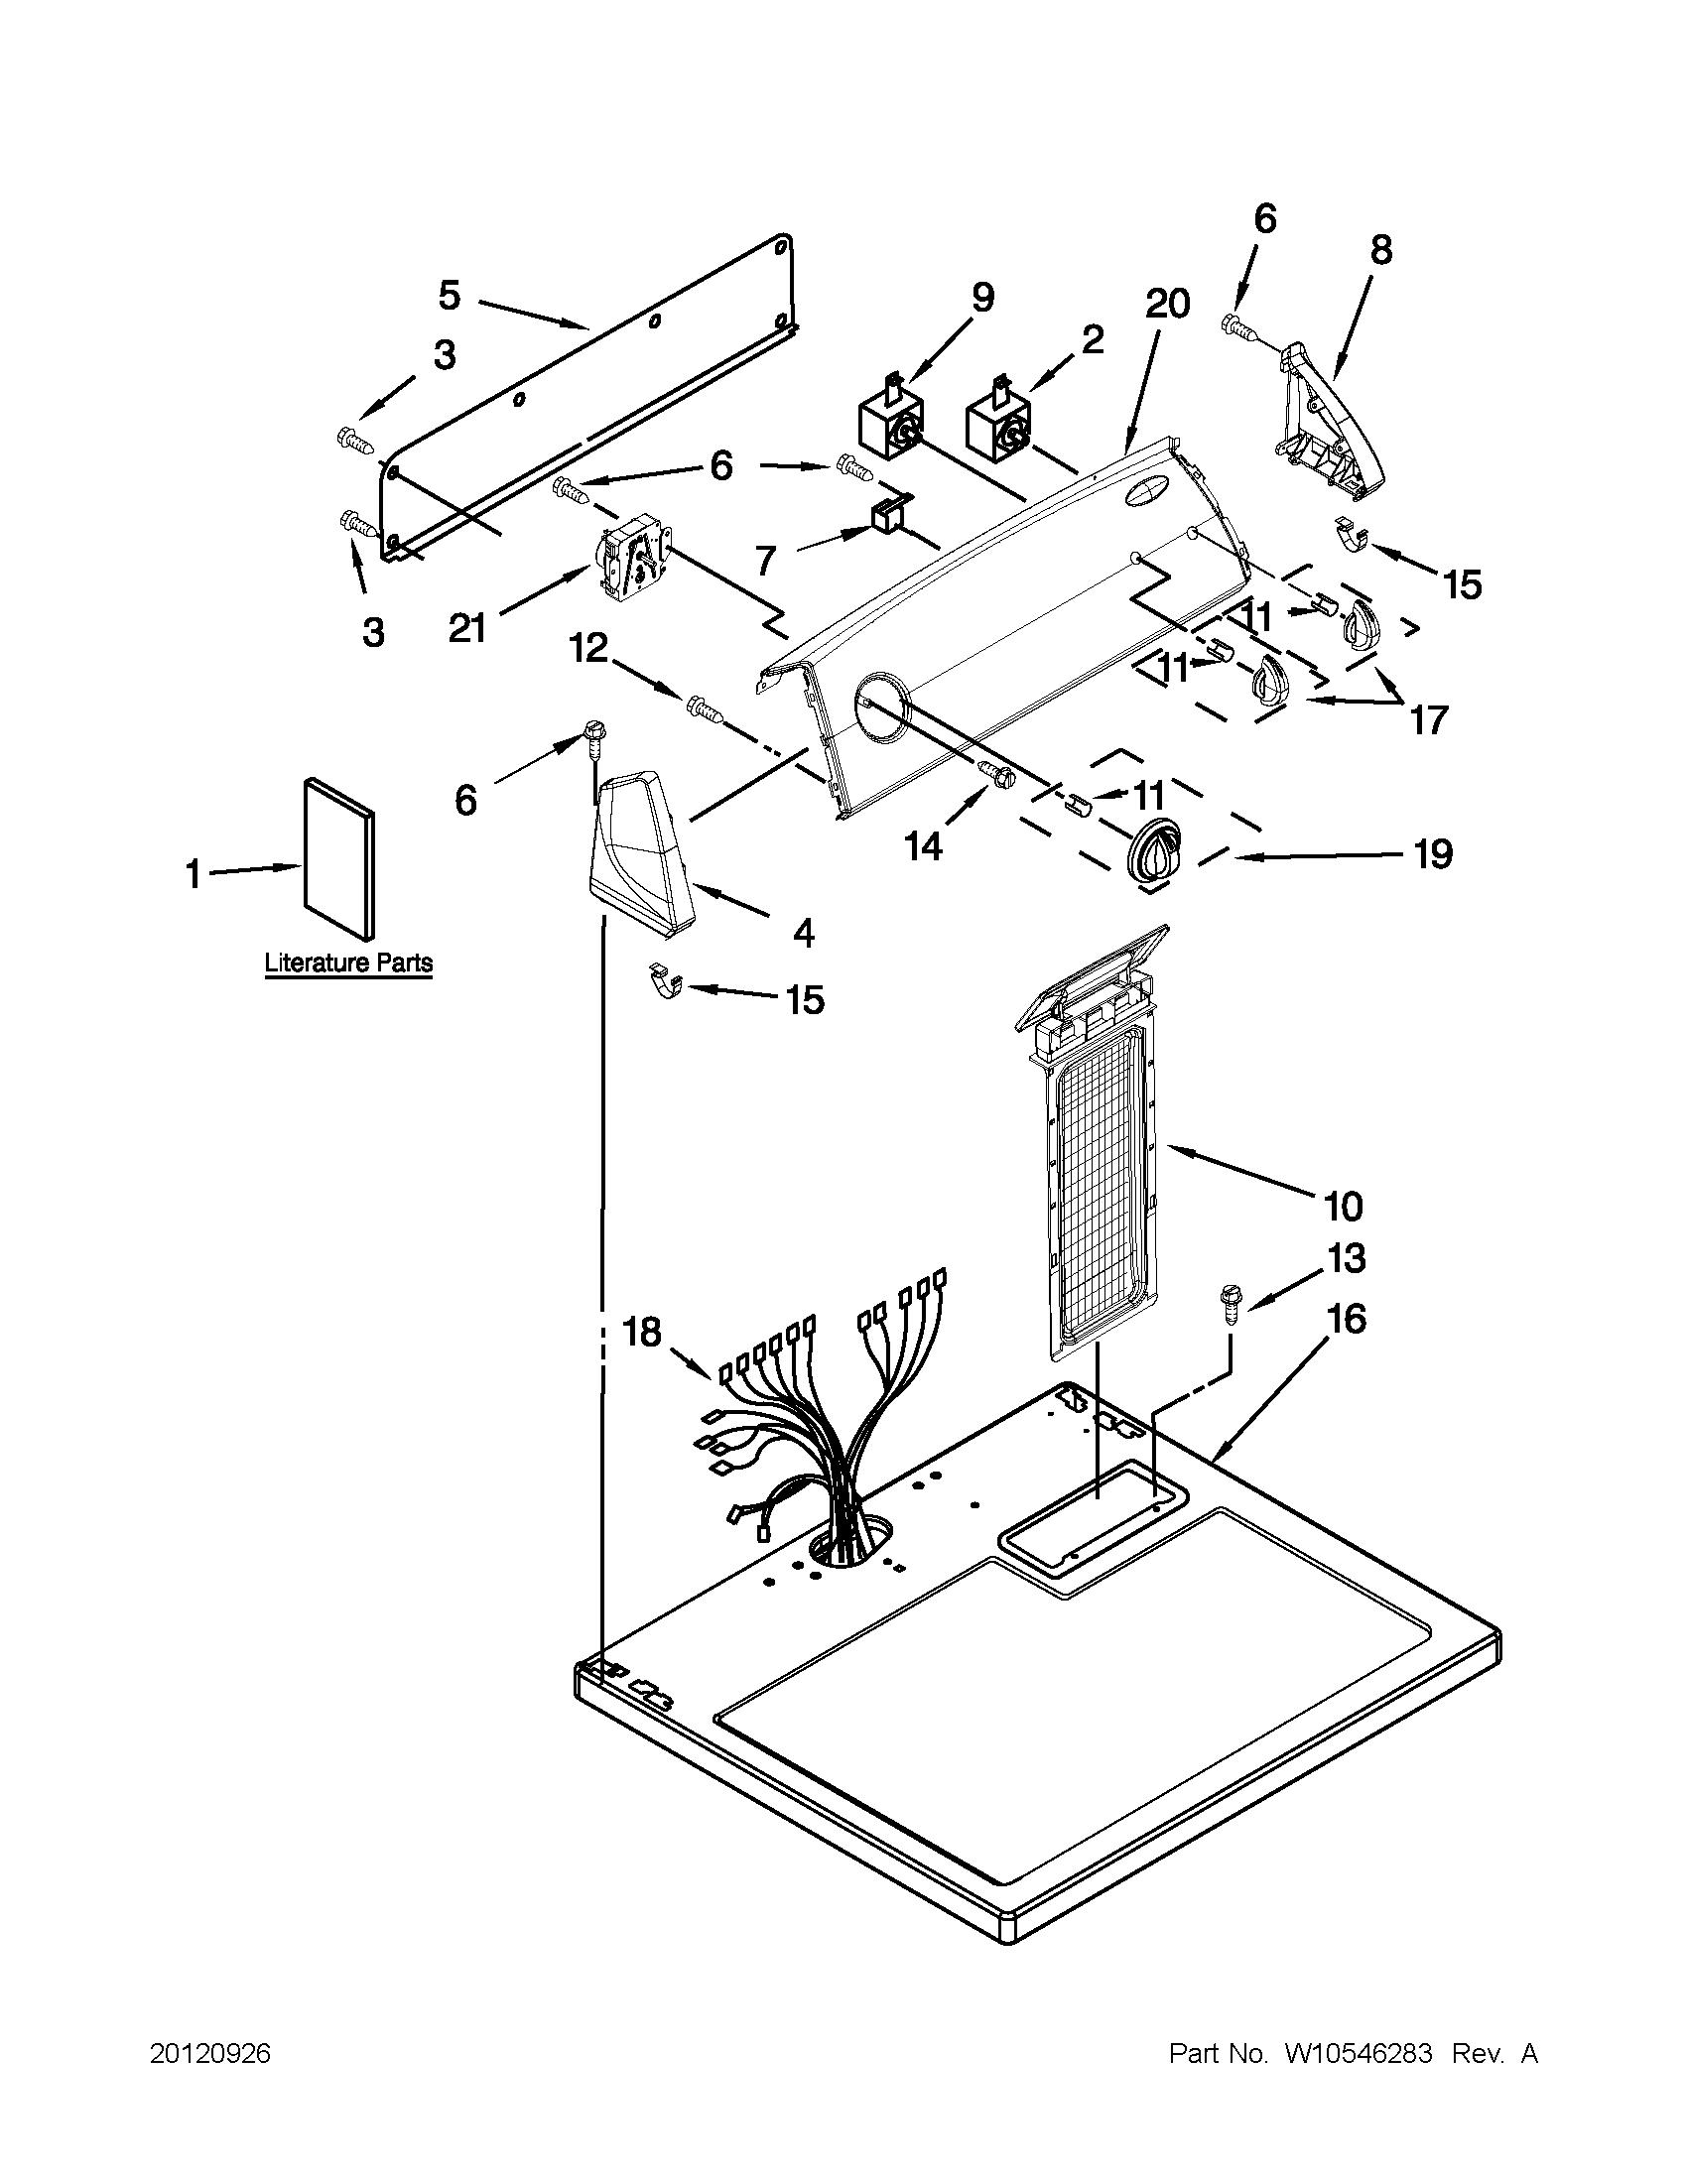 crosley parts diagrams block and schematic diagrams u2022 rh lazysupply co